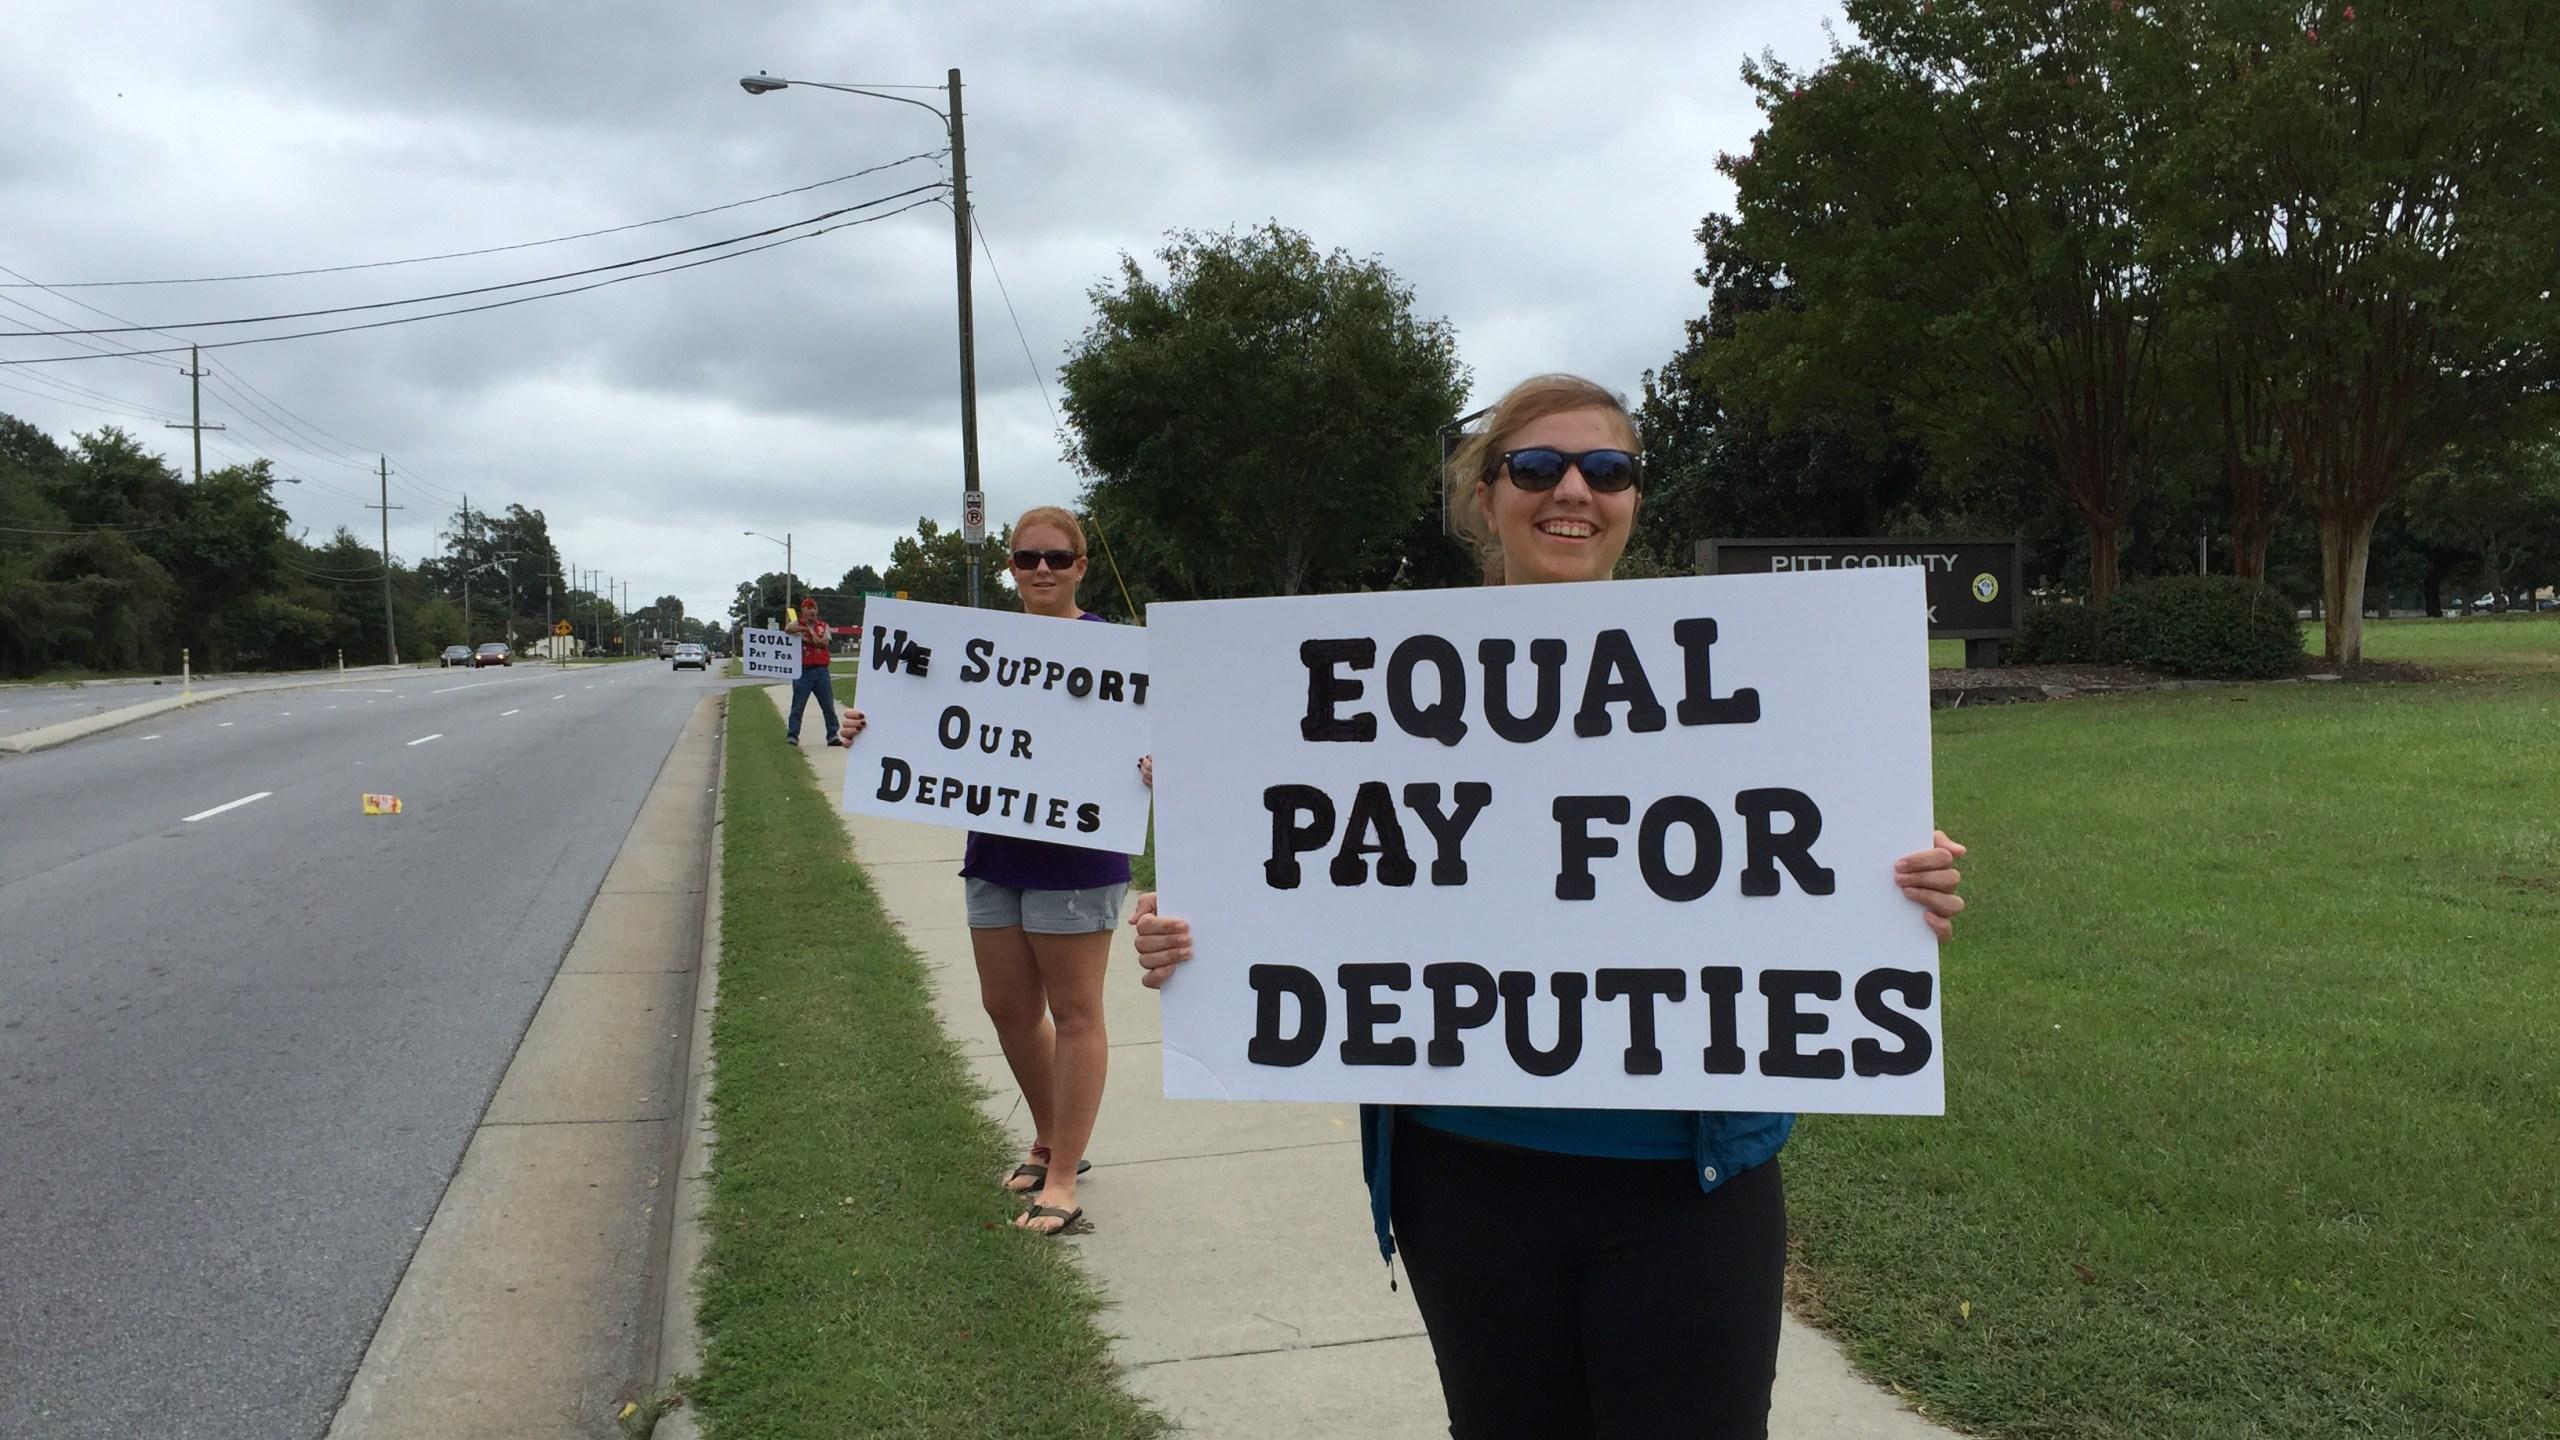 deputy pay protest_75392